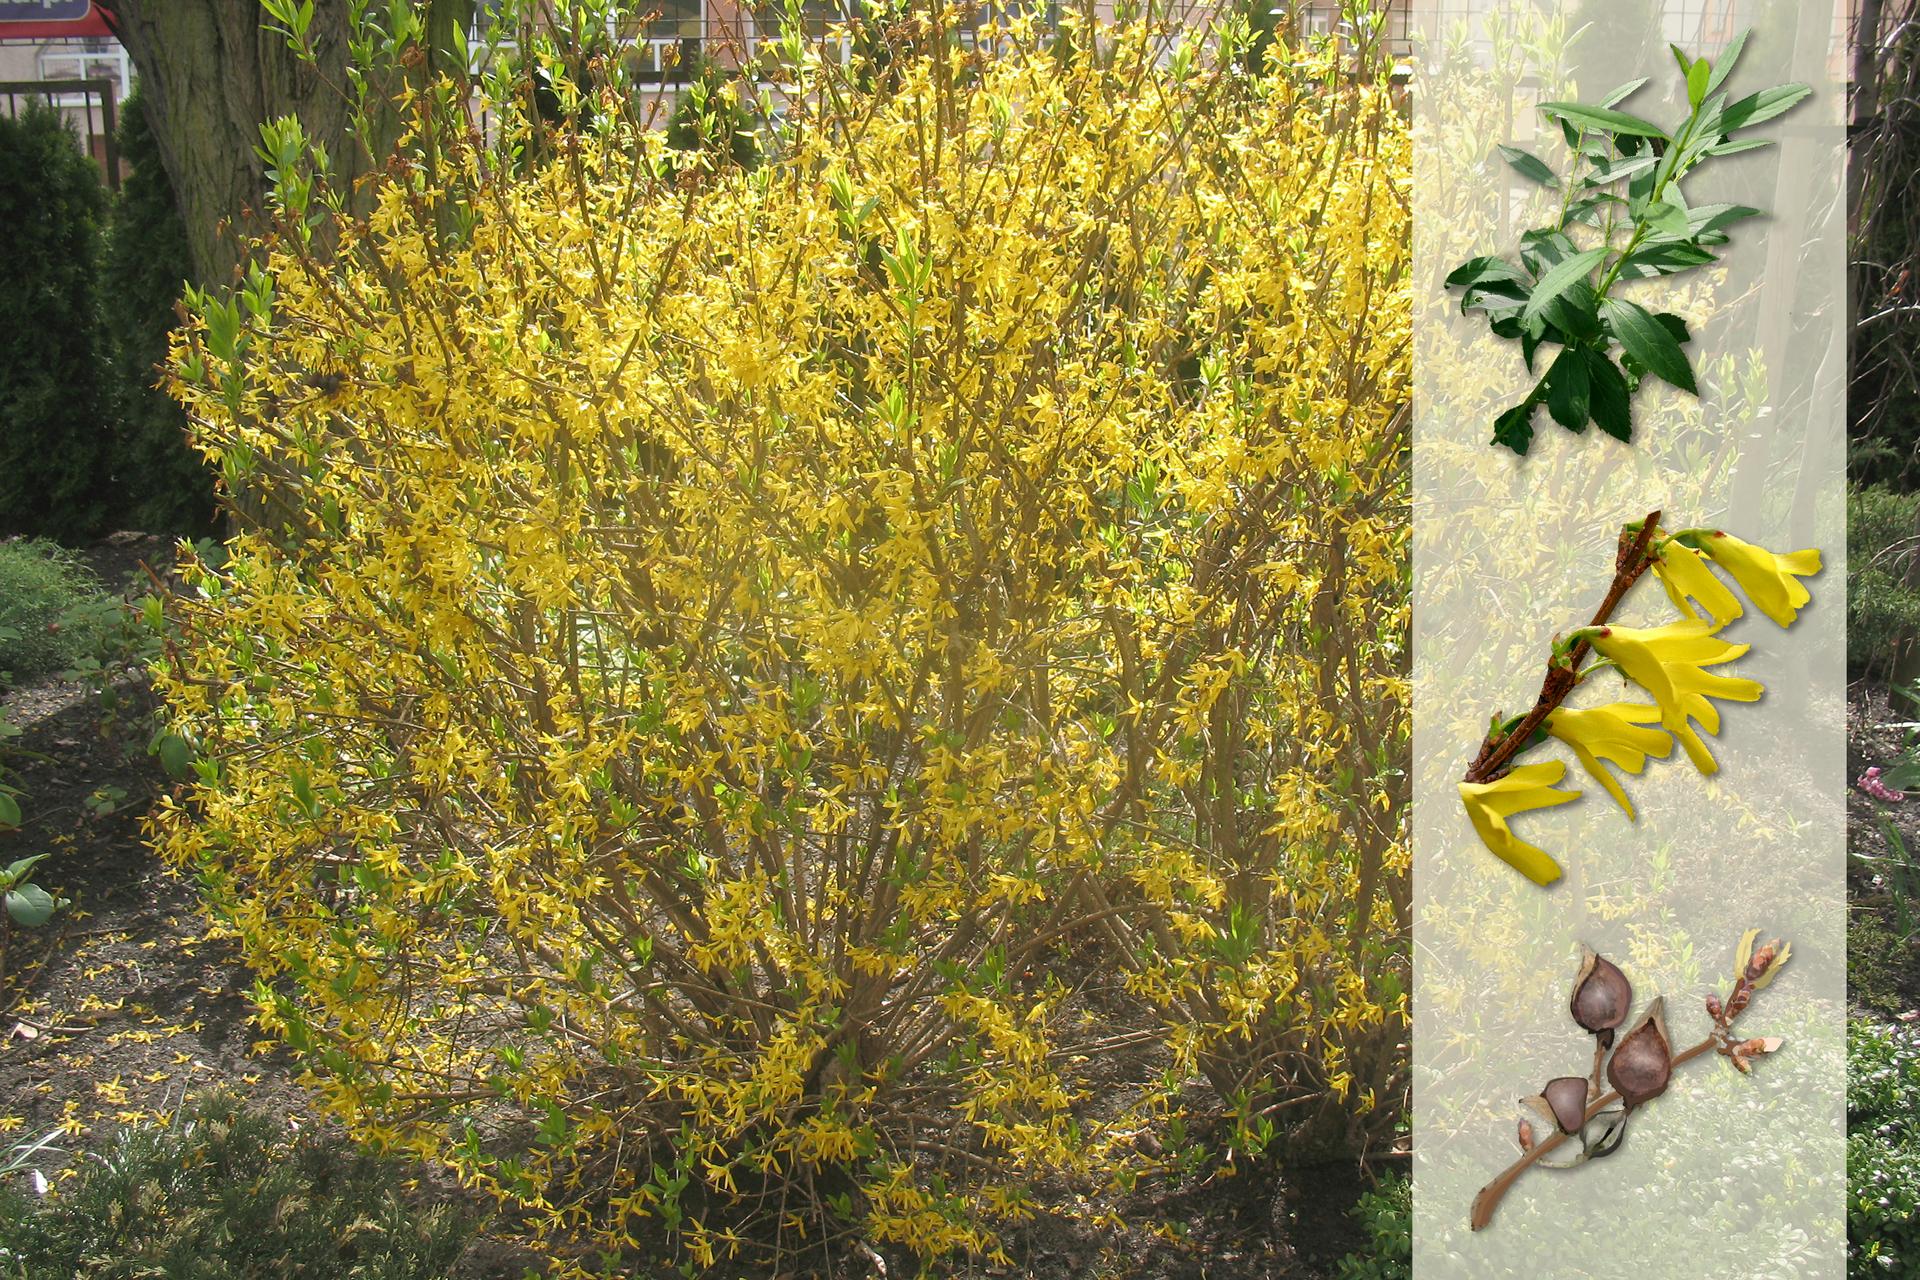 Fotografia przedstawia żółto kwitnący krzew forsycji wogrodzie. Zprawej strony nałożony jaśniejszy pasek zfotografiami. Ugóry ciemnozielone, wąskie liście. Wśrodku kilka żółtych, pojedynczych kwiatów, siedzących na bezlistnej gałązce. Udołu gałązka zkulistymi, brązowymi, wzniesionymi owocami.